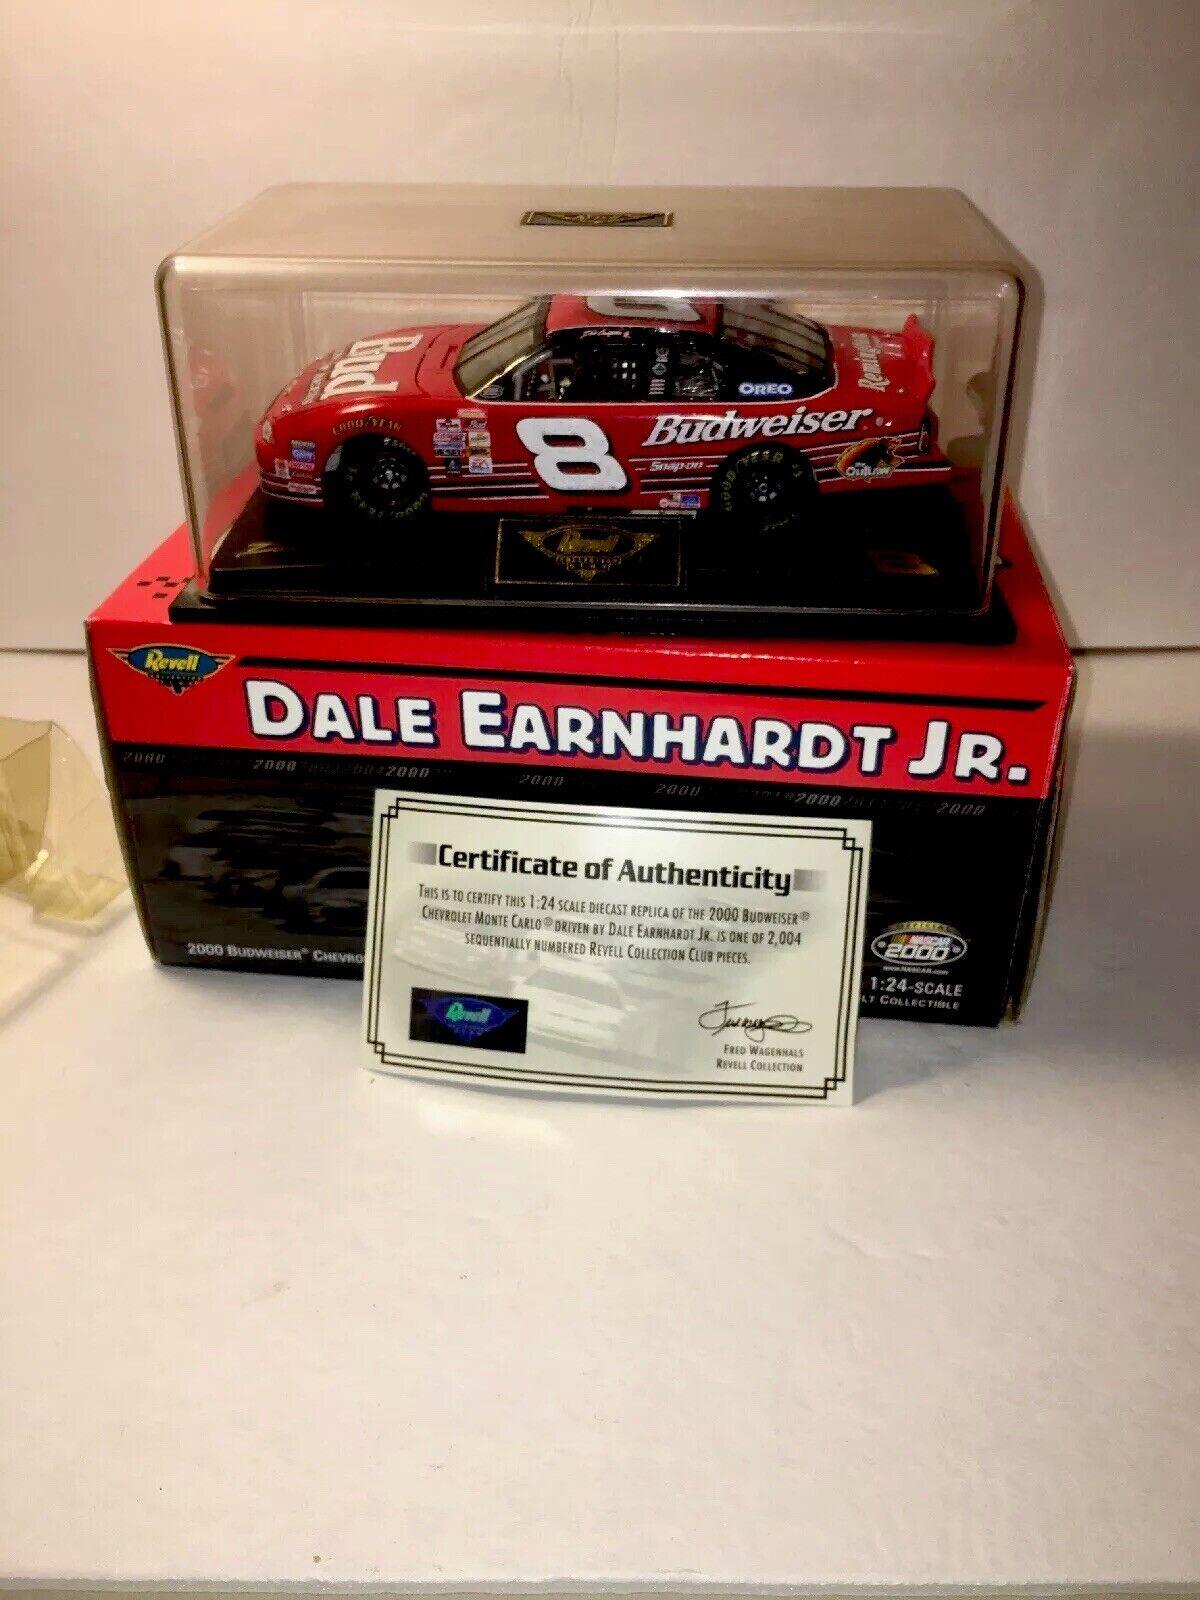 colores increíbles Nice    Revistas REVELL 1 24 Dale Earnhardt Jr Bud Racing 1 2, 004 Die Cast Auto NasCoche Nuevo  bienvenido a orden